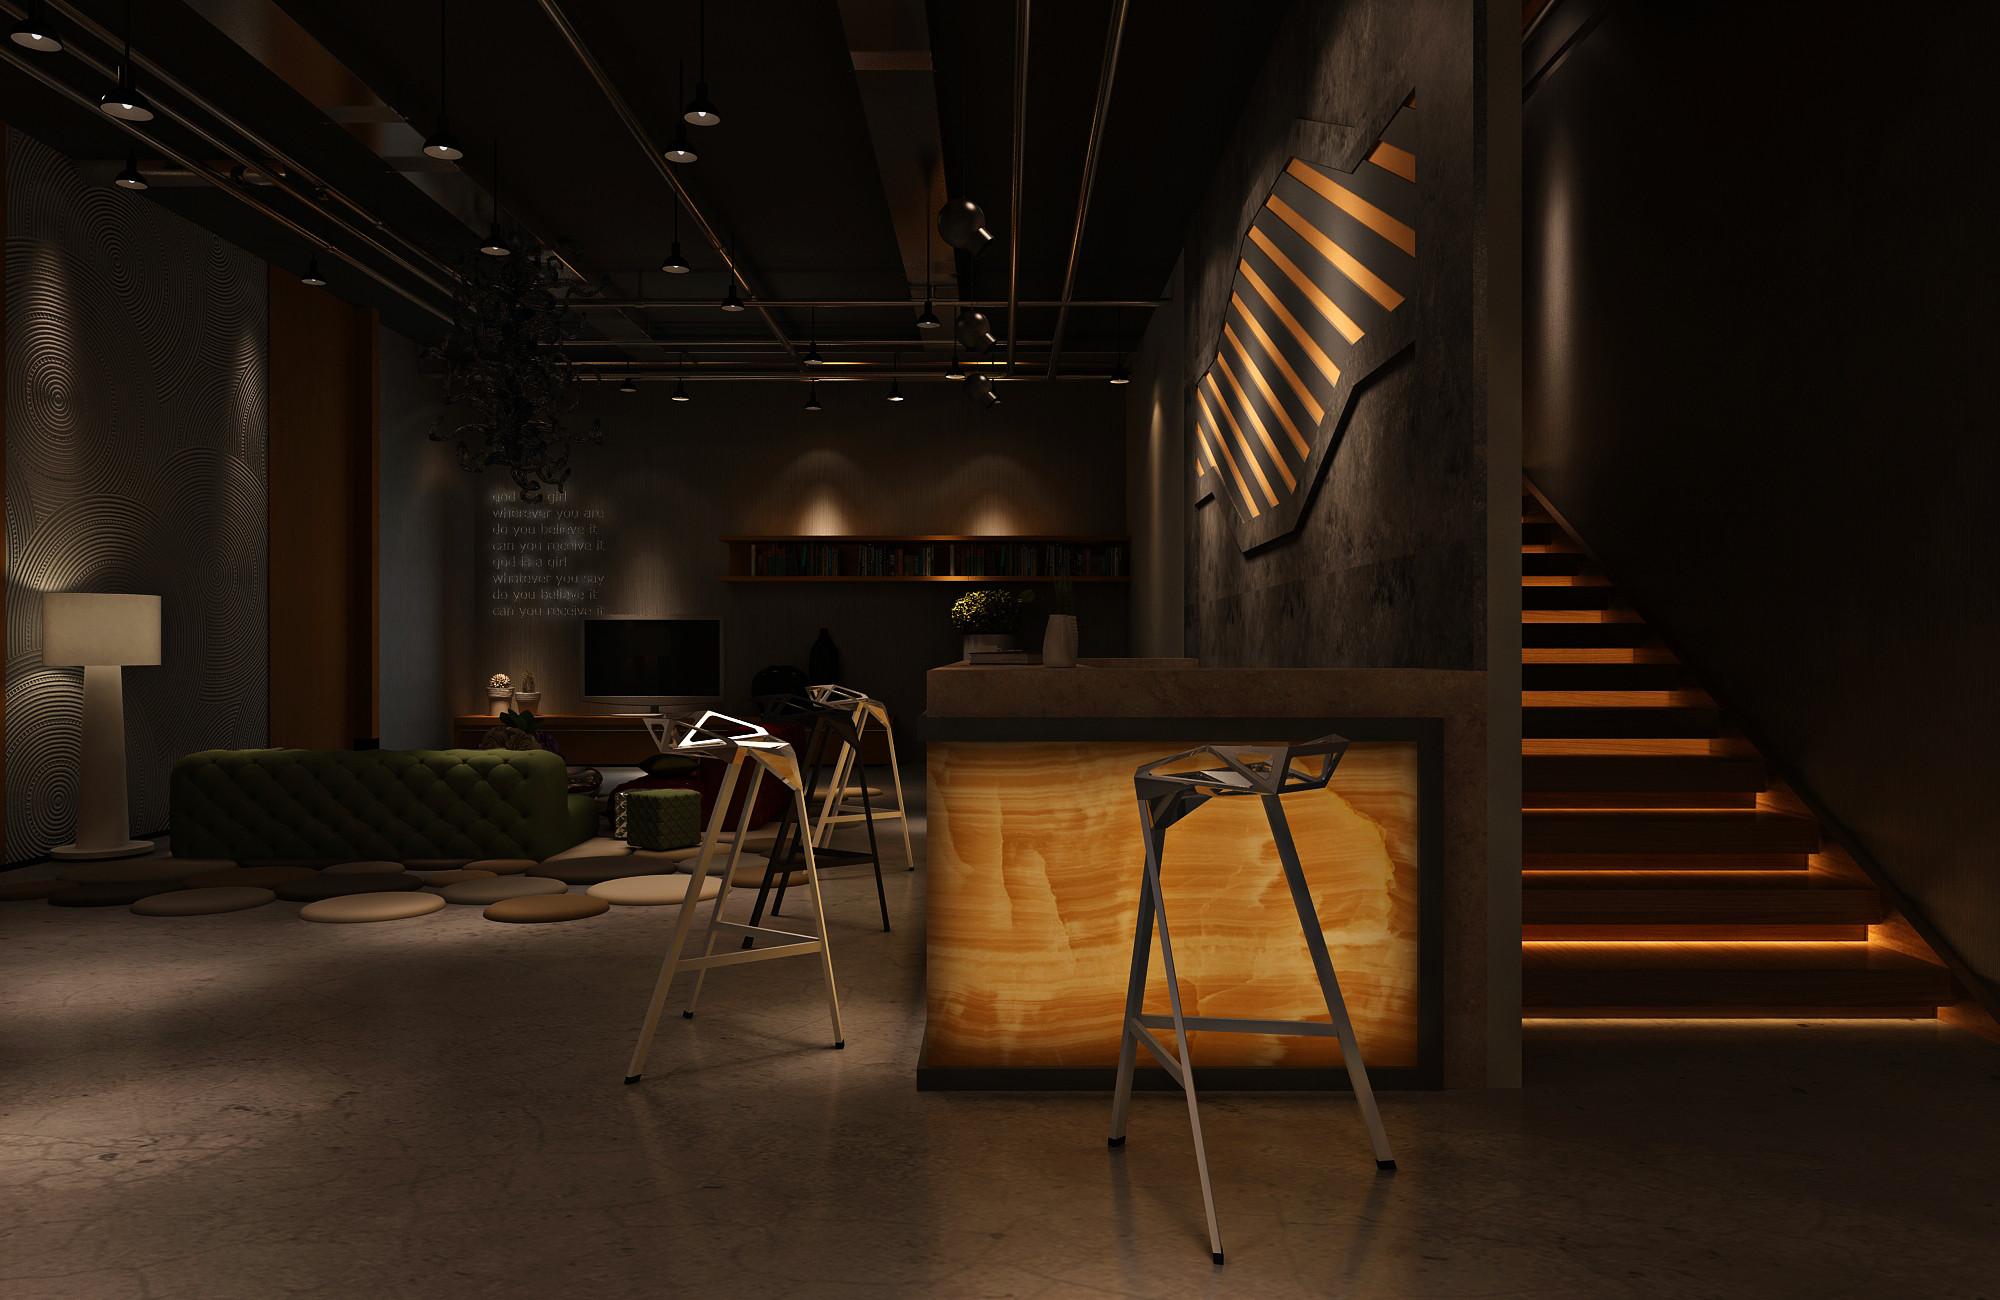 复古工业风酒吧装修楼梯图片